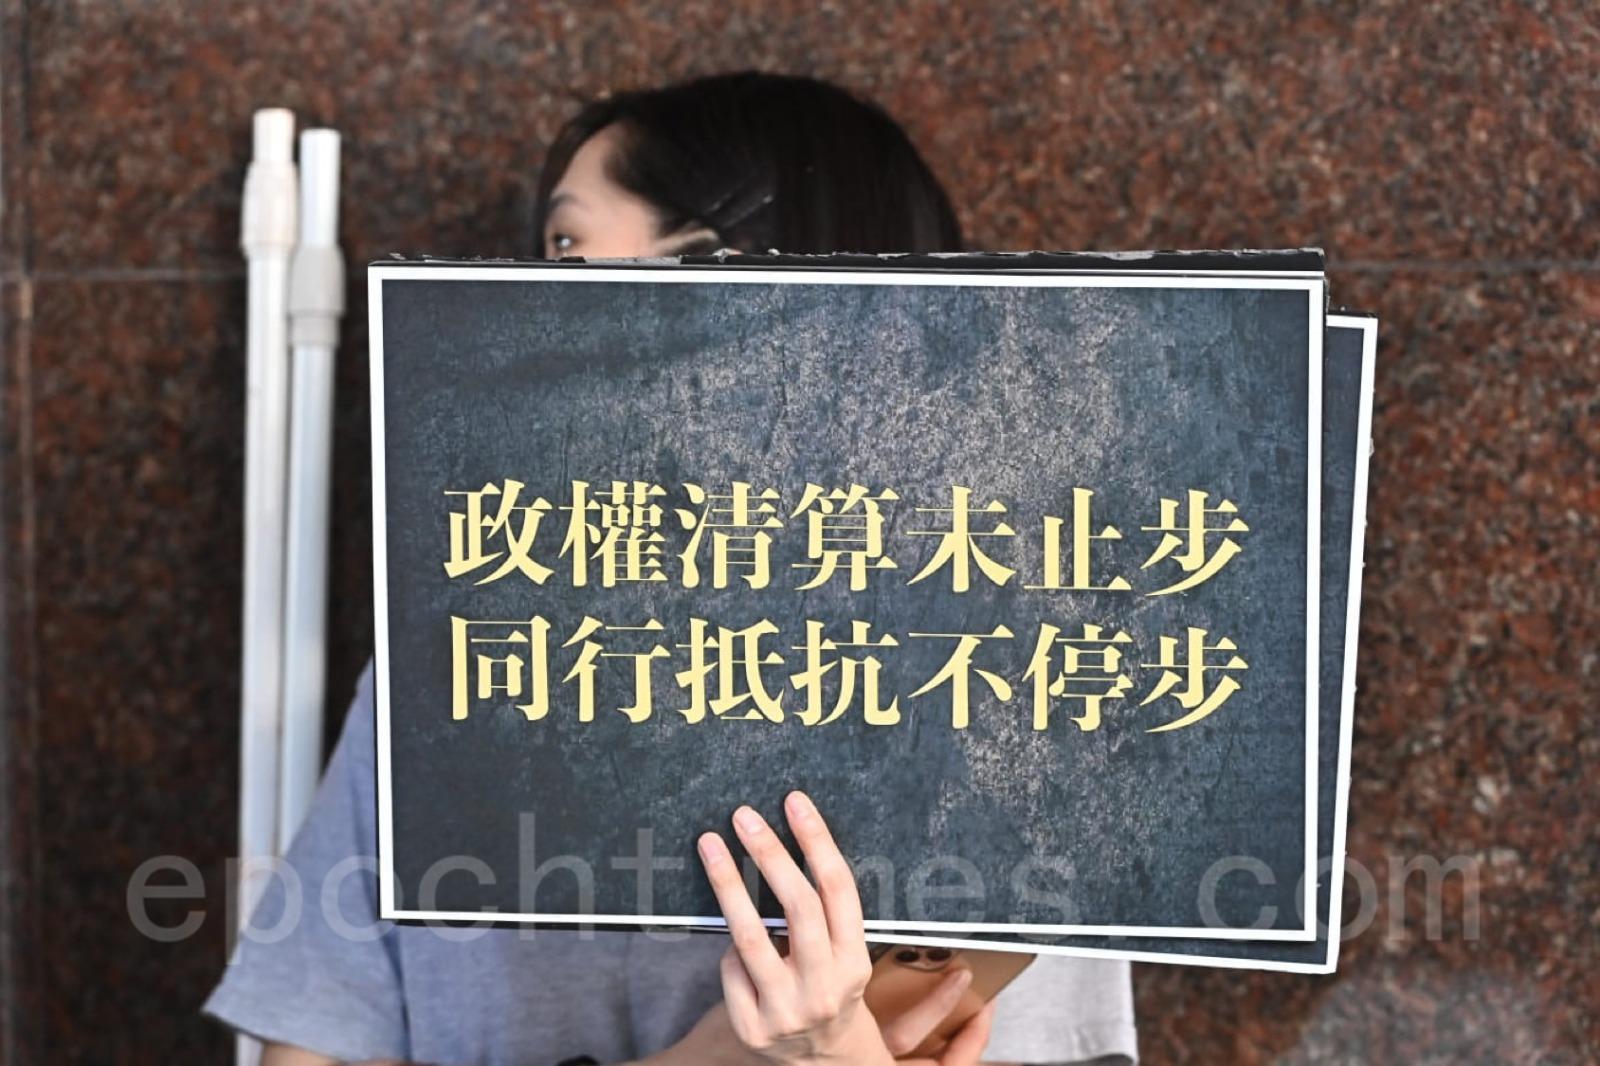 有人高舉,「政權清算未止步,同行抵抗不停步」的標語牌。(宋碧龍/大紀元)